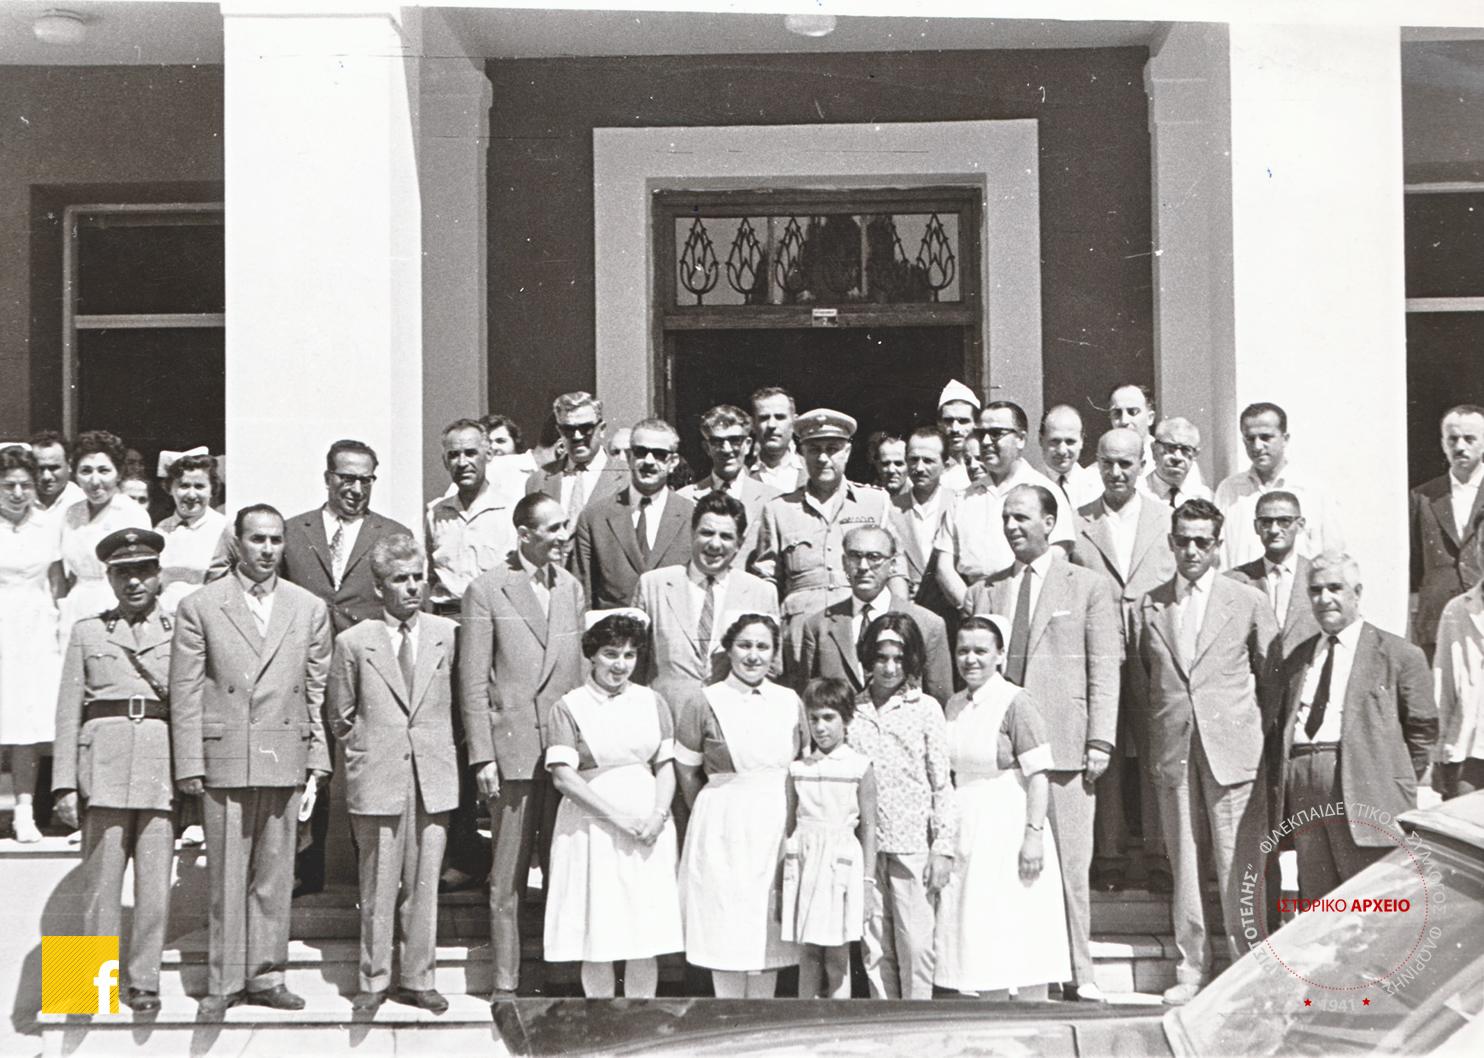 Επίσκεψη υπουργών στο νοσοκομείο της Φλώρινας το 1961